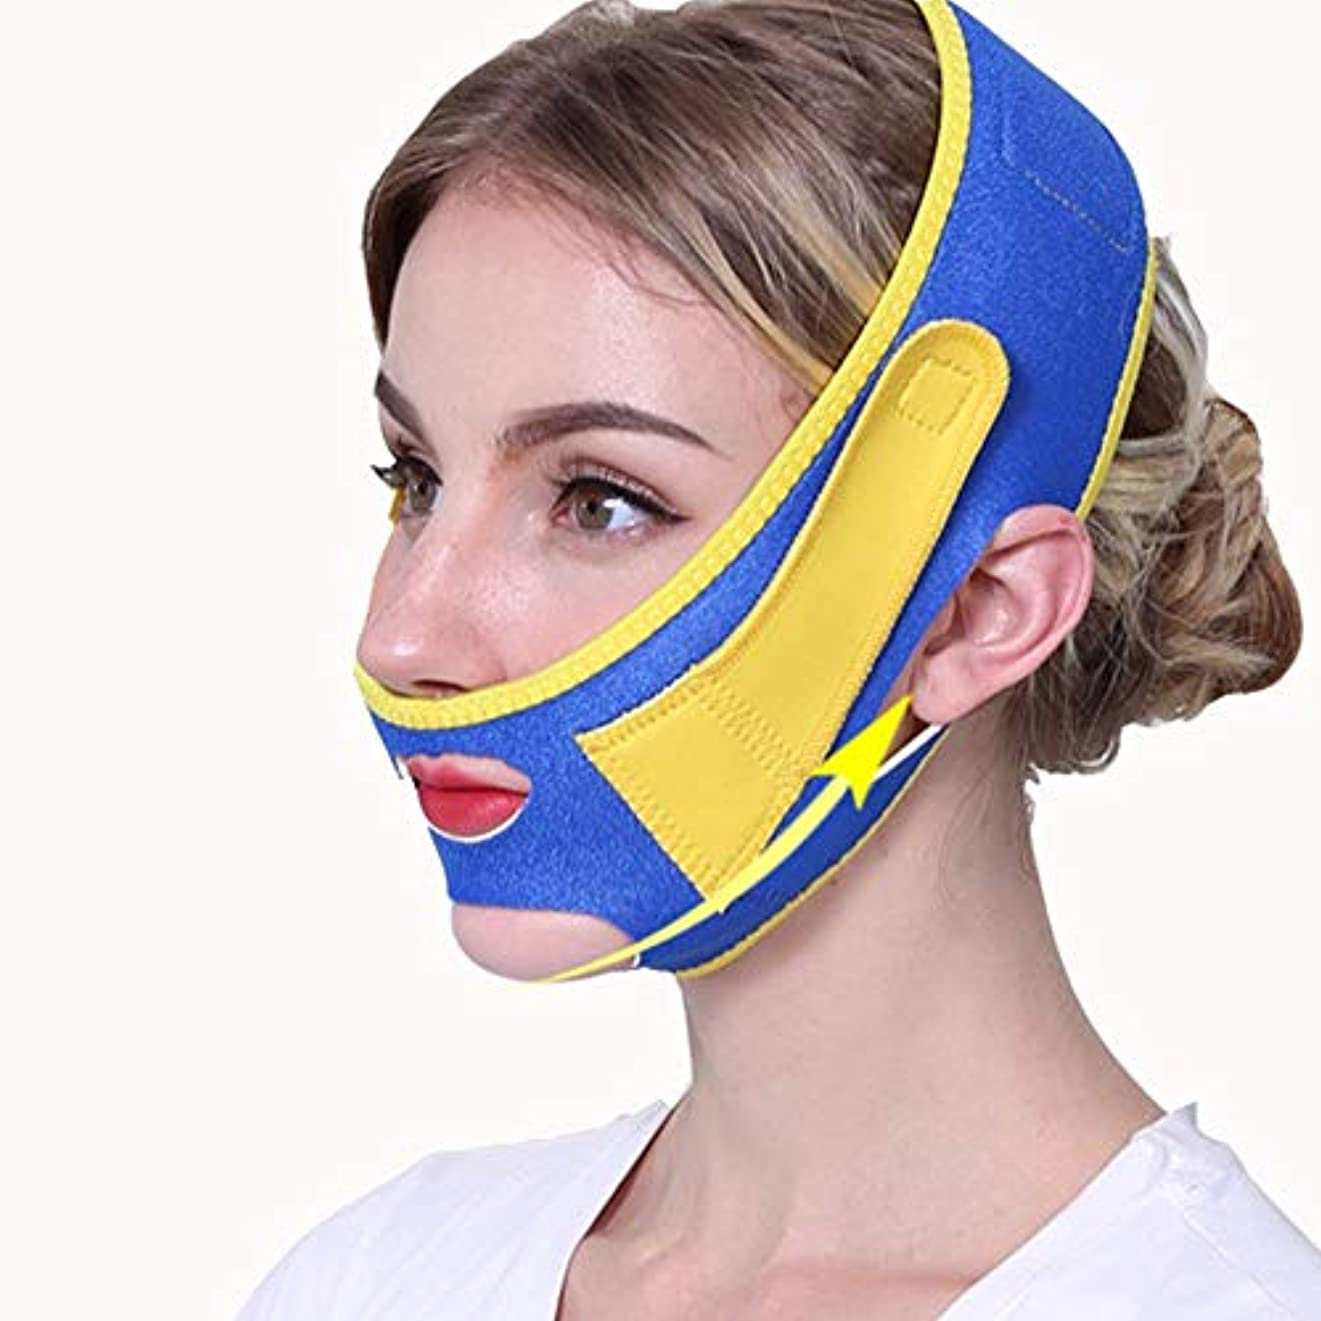 起こりやすい泳ぐ違反するGYZ フェイシャルリフティング痩身ベルトフェイス包帯マスク整形マスクフェイスベルトを引き締める薄型フェイス包帯整形マスクフェイスと首の顔を引き締めスリム Thin Face Belt